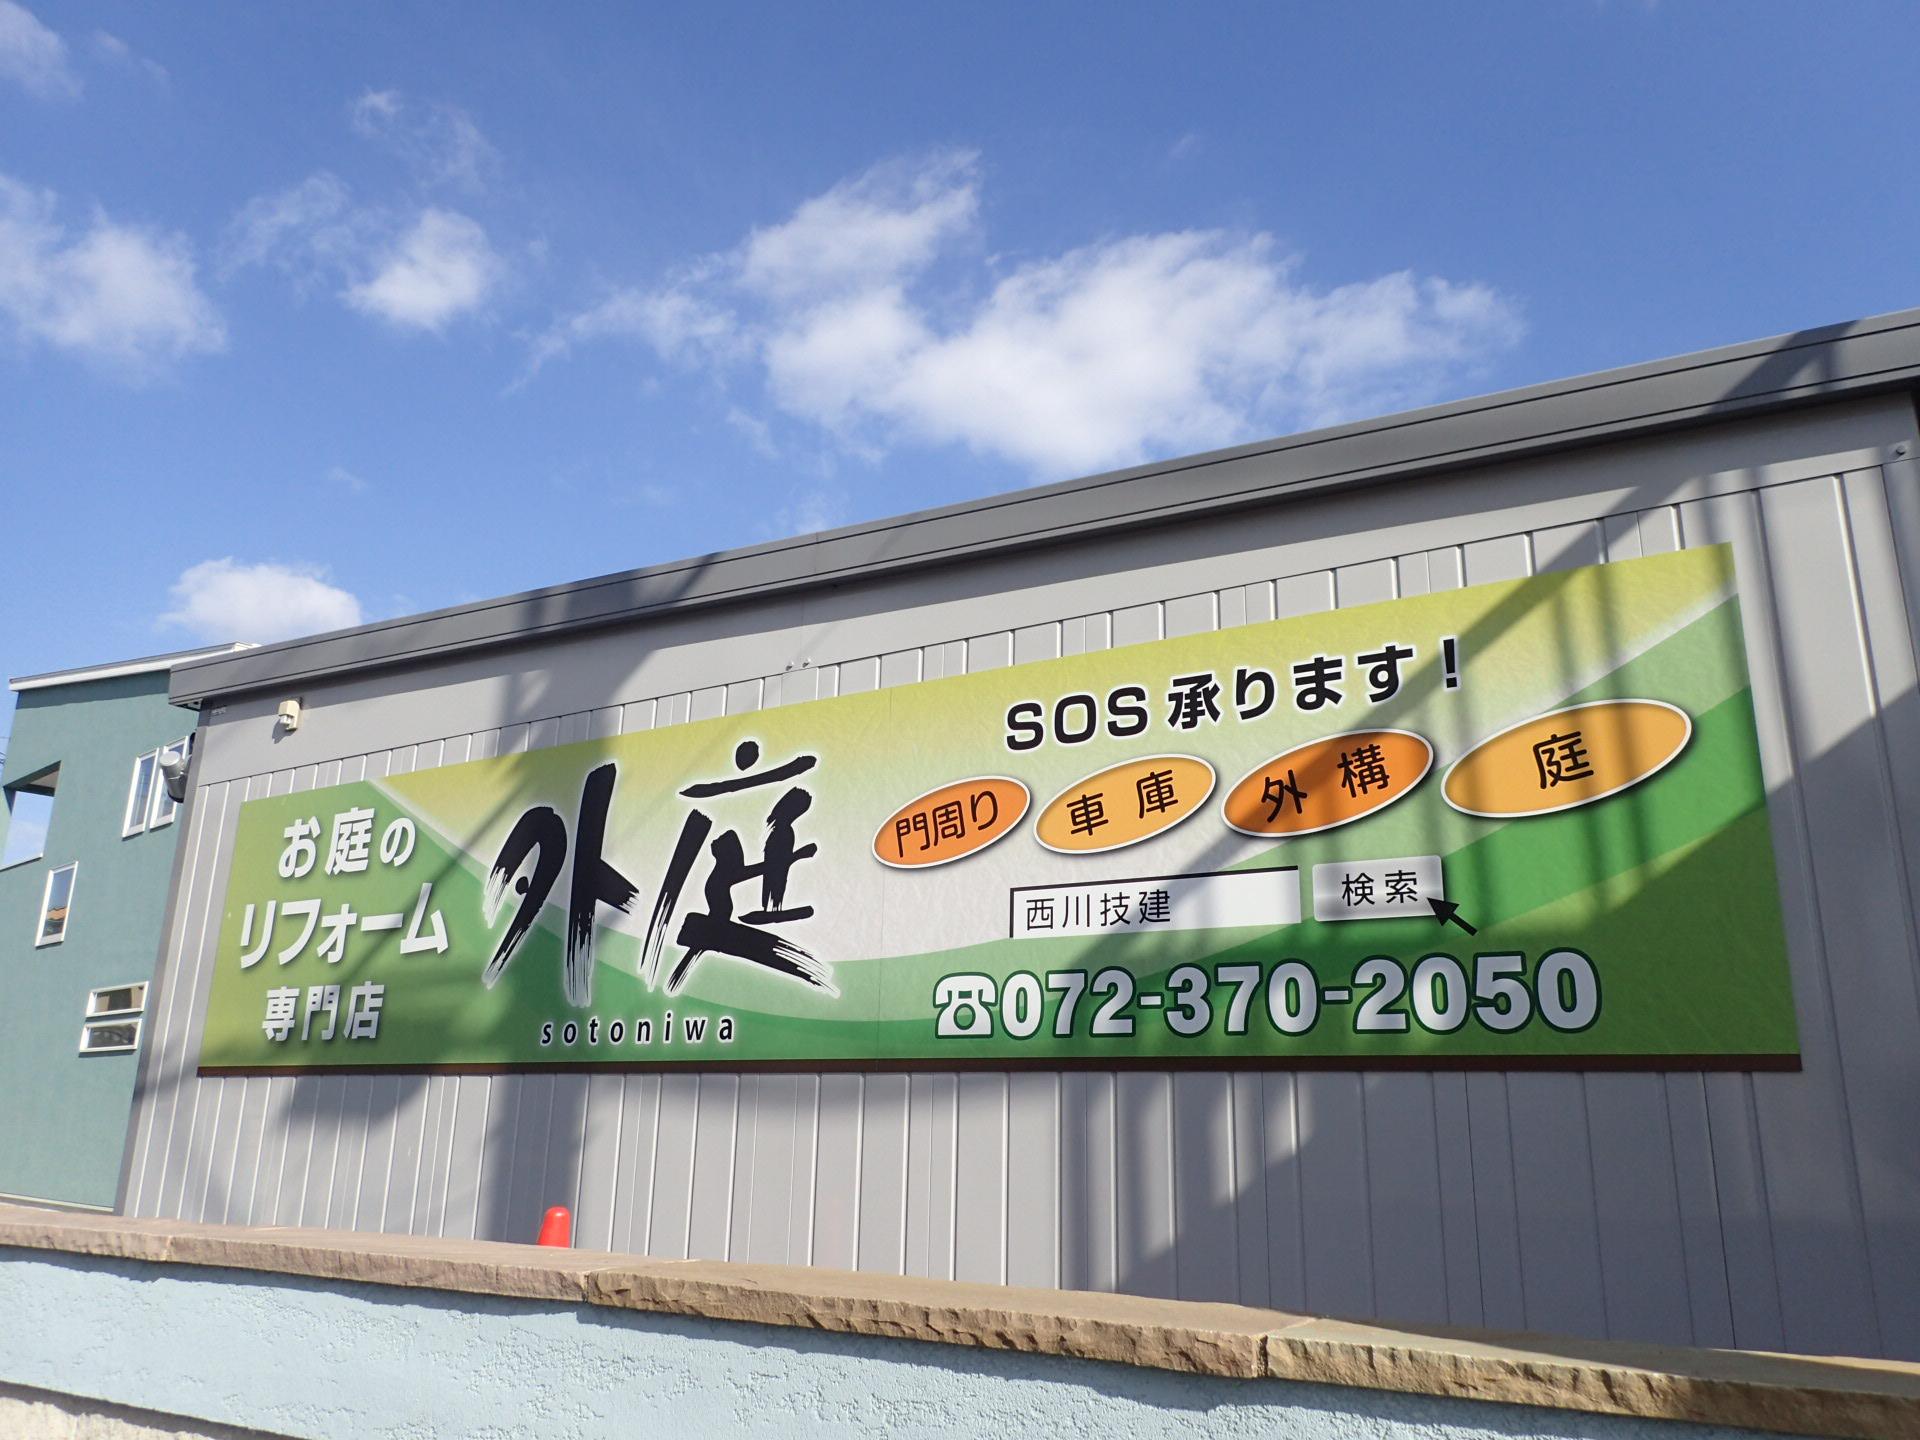 本年も 外構屋 西川技建 並びに 外構リフォーム専門店 外庭sotoniwaを宜しくお願い致します